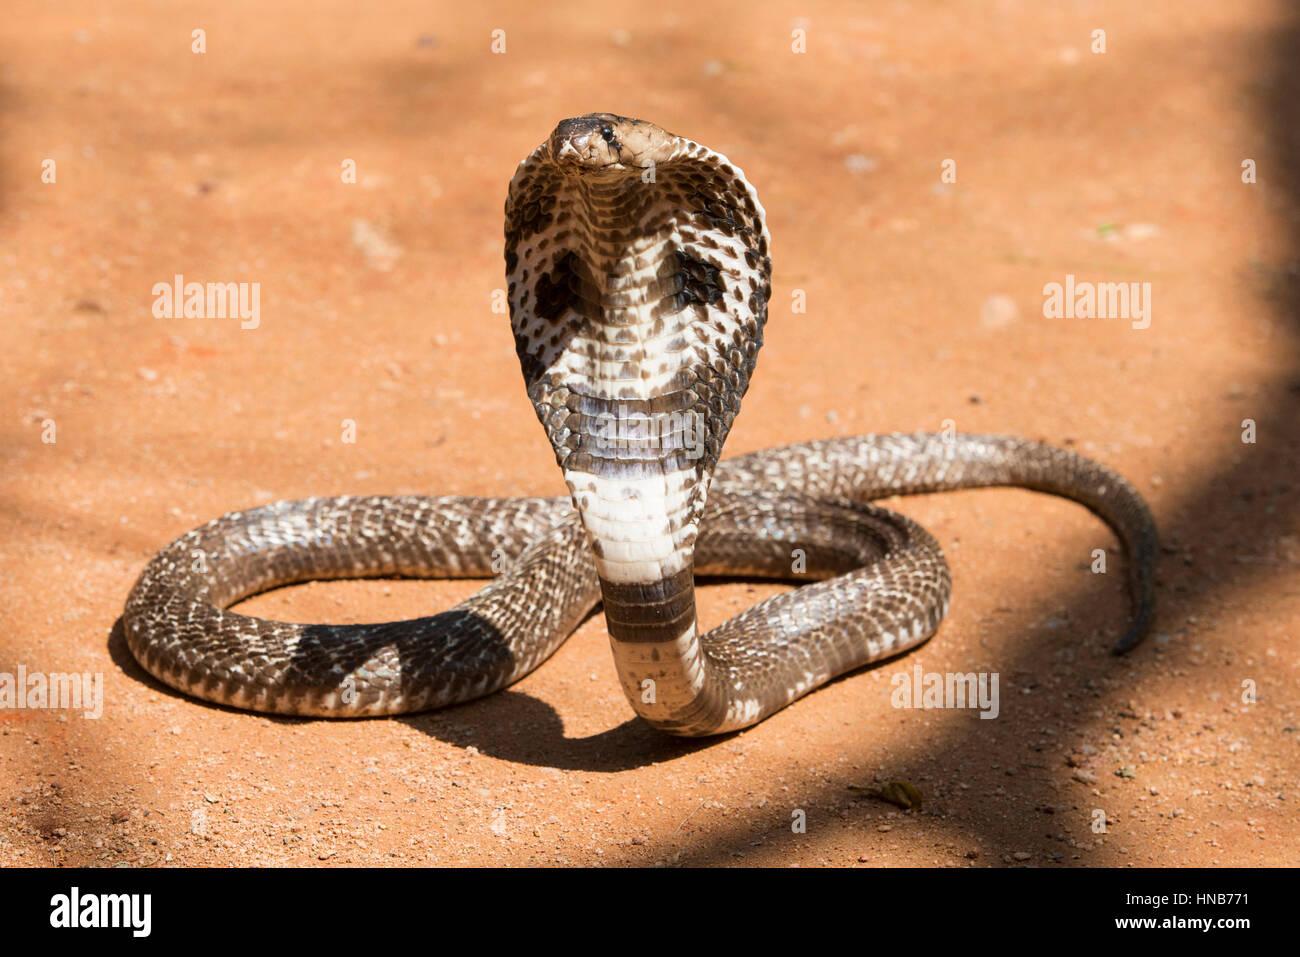 La cobra india o cobra de babas, Naja naja, Sri Lanka Foto de stock